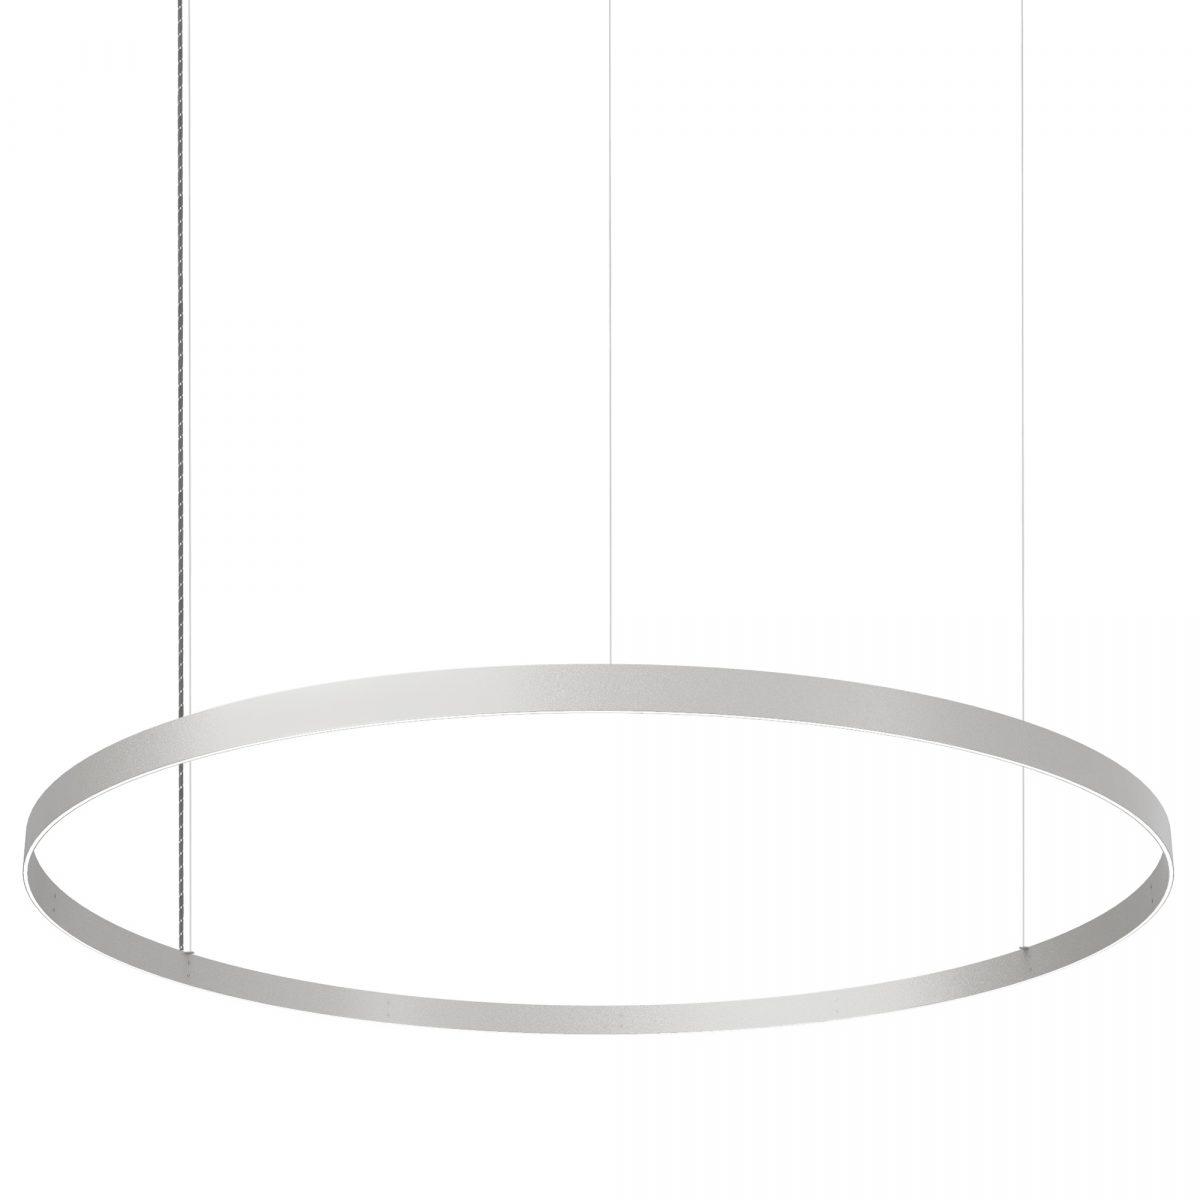 JSPR Eden M Silver On Interieur Design